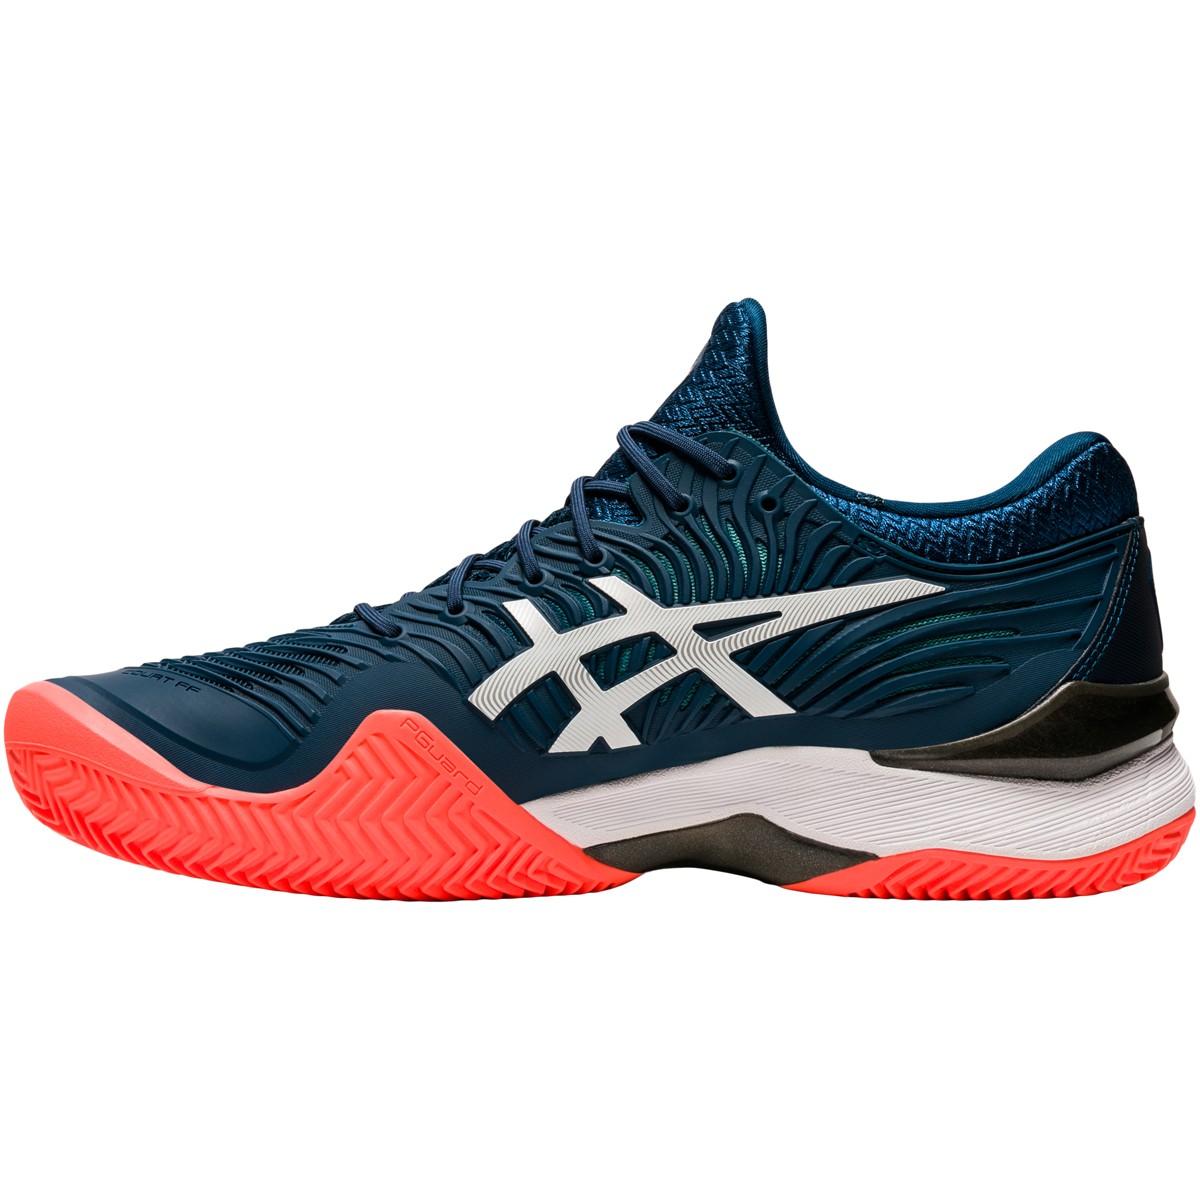 ASICS COURT FF CLAY COURT SHOES - ASICS - Men's - Shoes   Tennispro